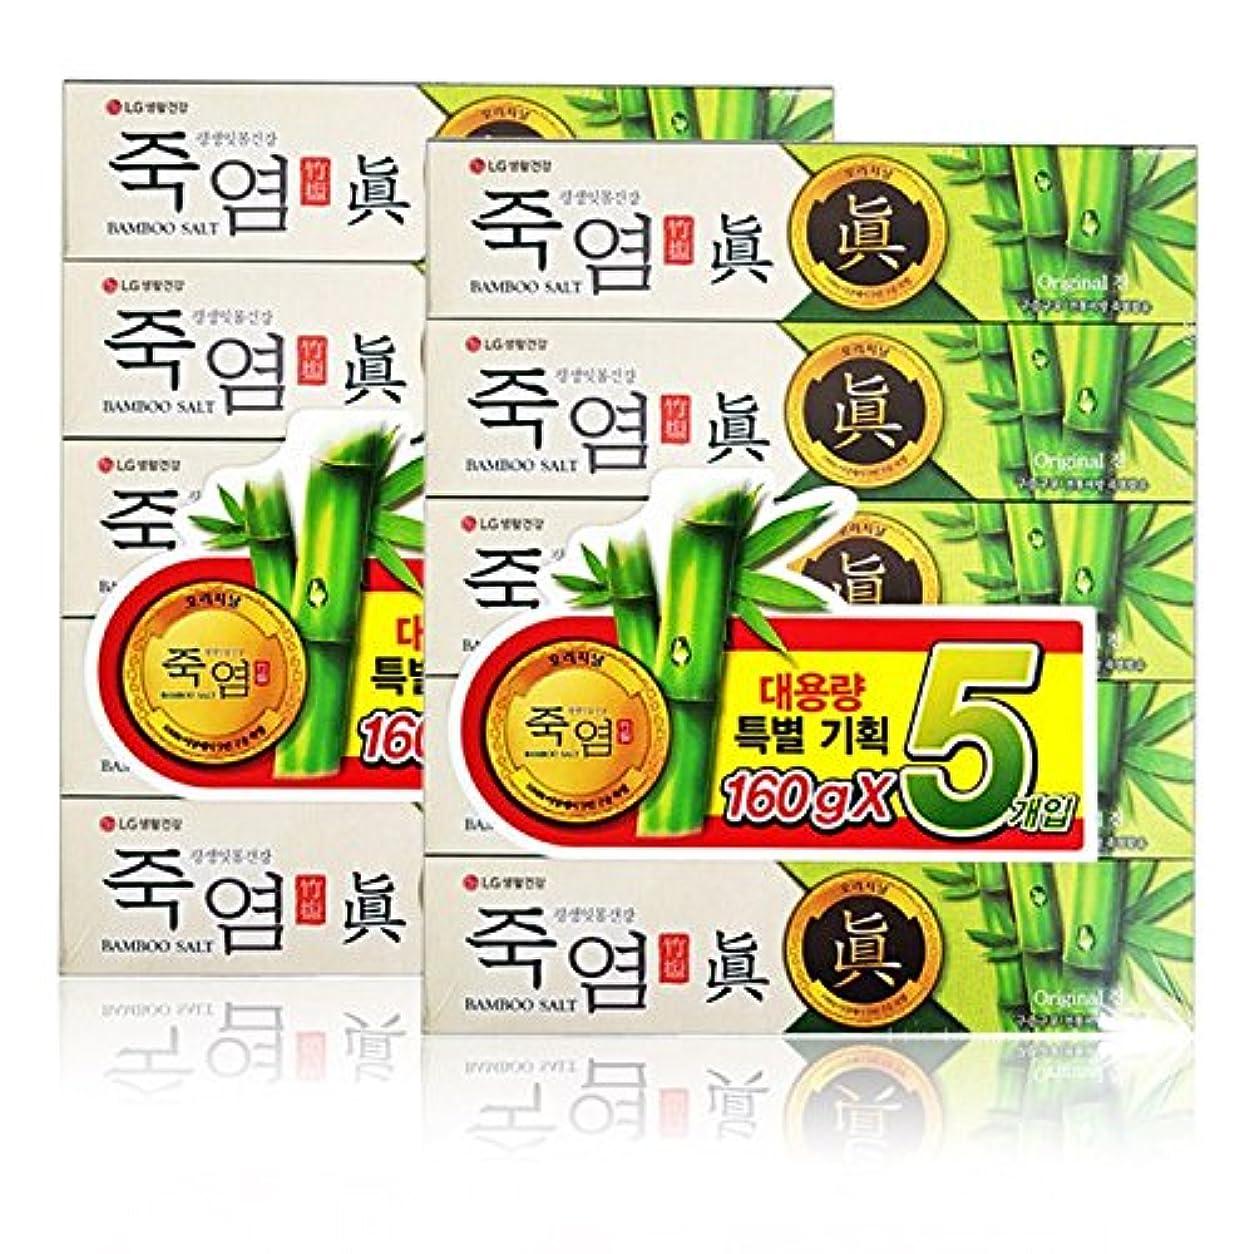 核保持一貫した[LG電子の生活と健康] LG 竹塩オリジナル歯磨き粉160g*10つの(海外直送品)